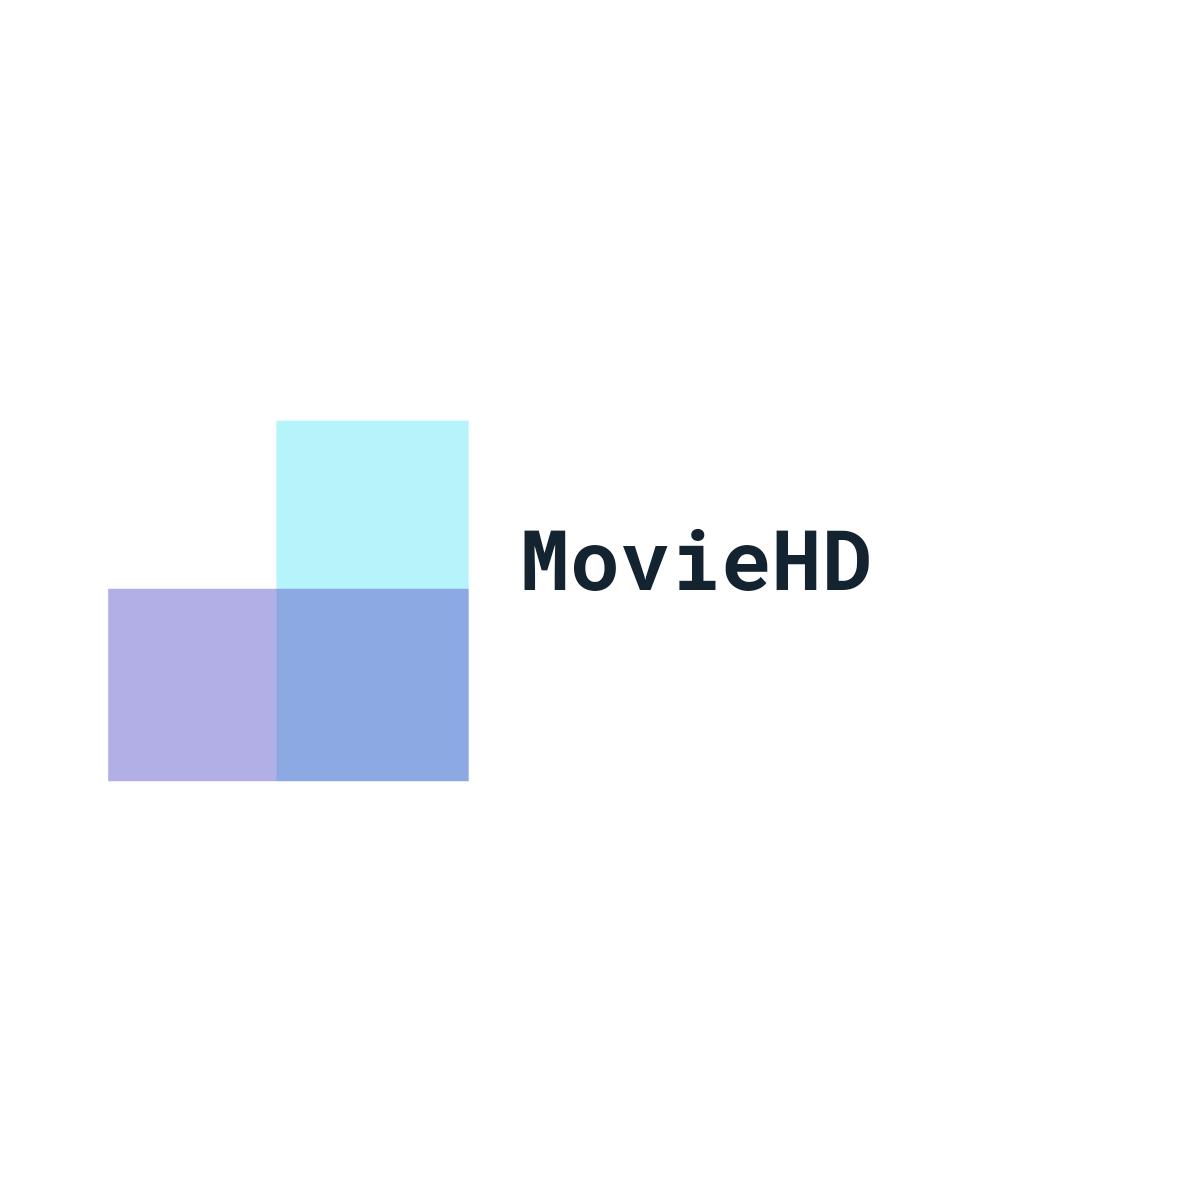 inception telugu movie torrent download